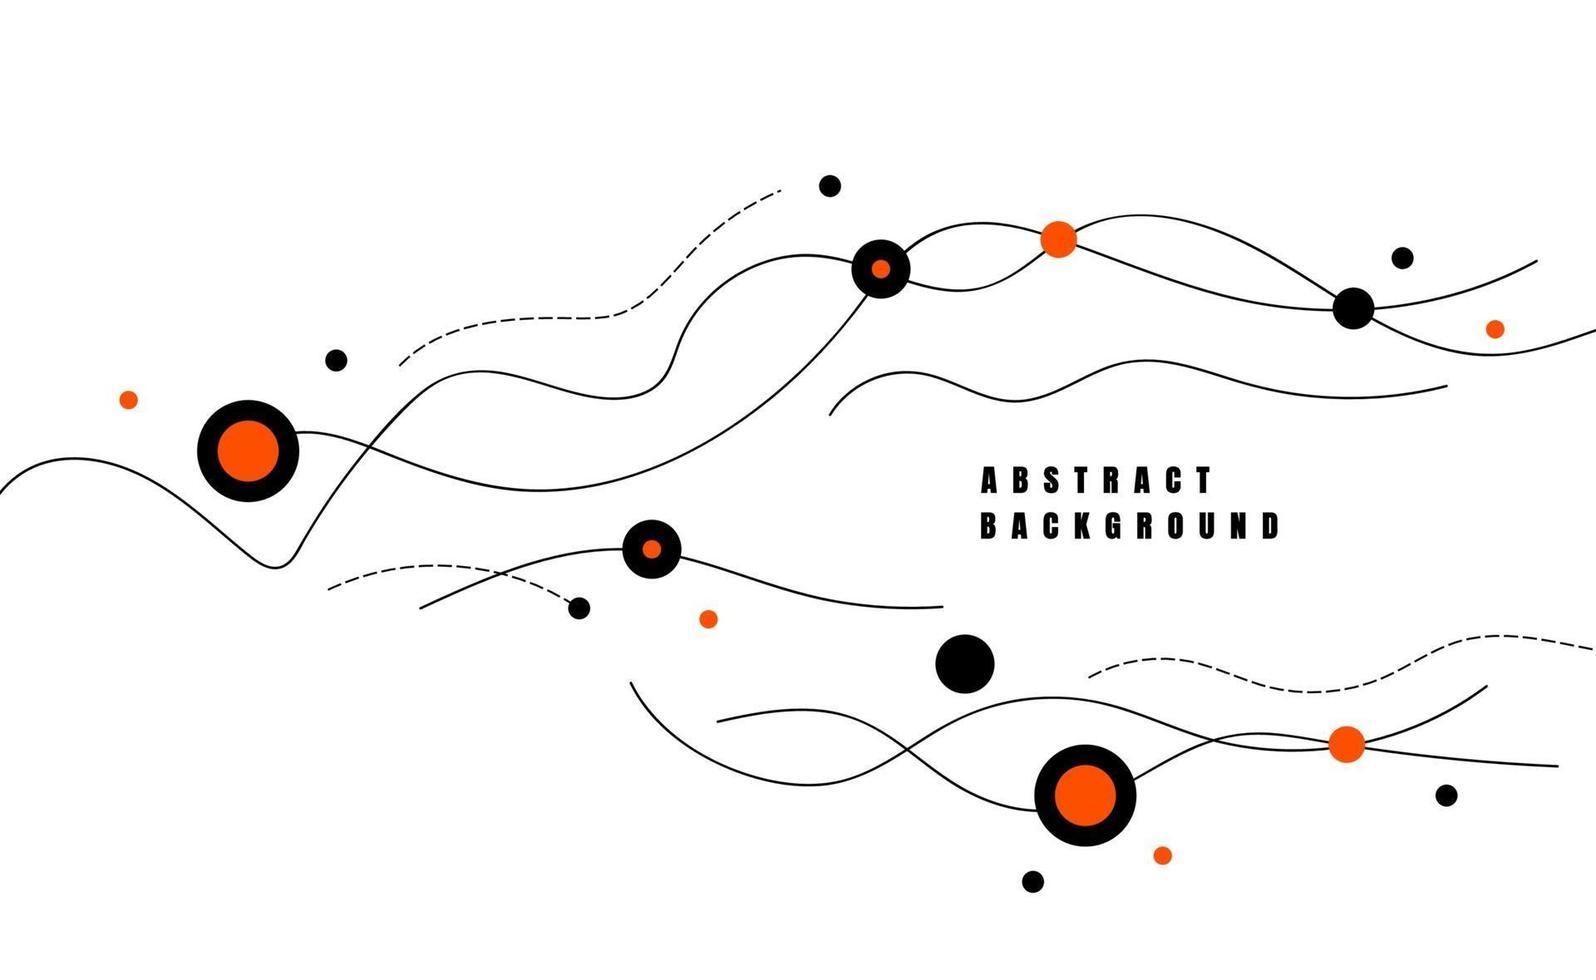 vagues dynamiques de ligne abstraite. style plat minimal pour affiche, bannière, carte. illustration vectorielle vecteur